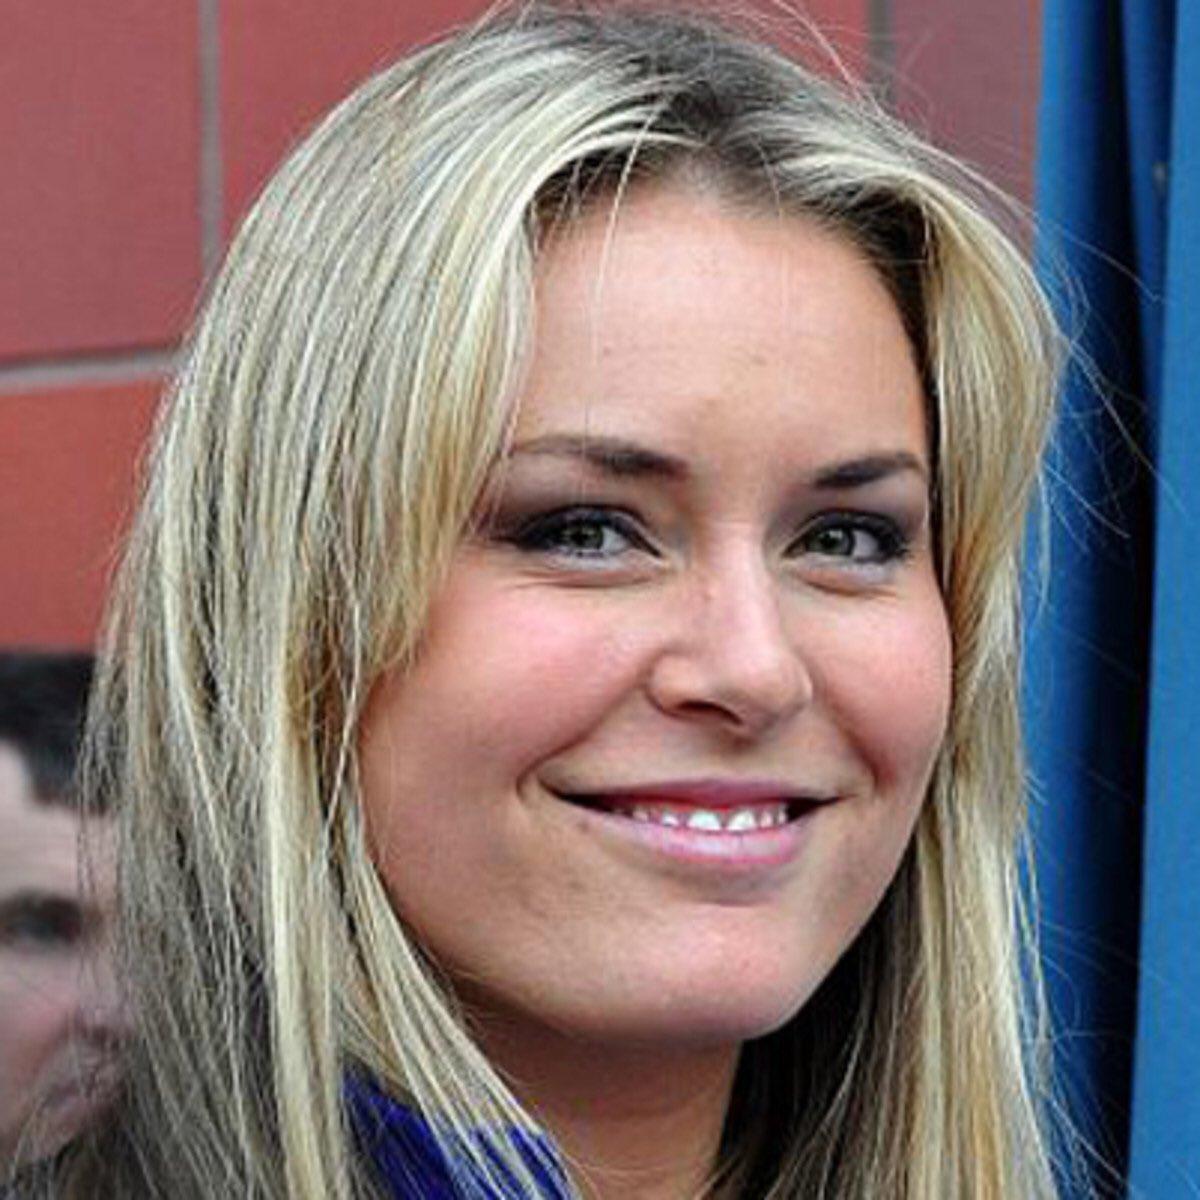 Happy Birthday Olympian skier Lindsey Vonn